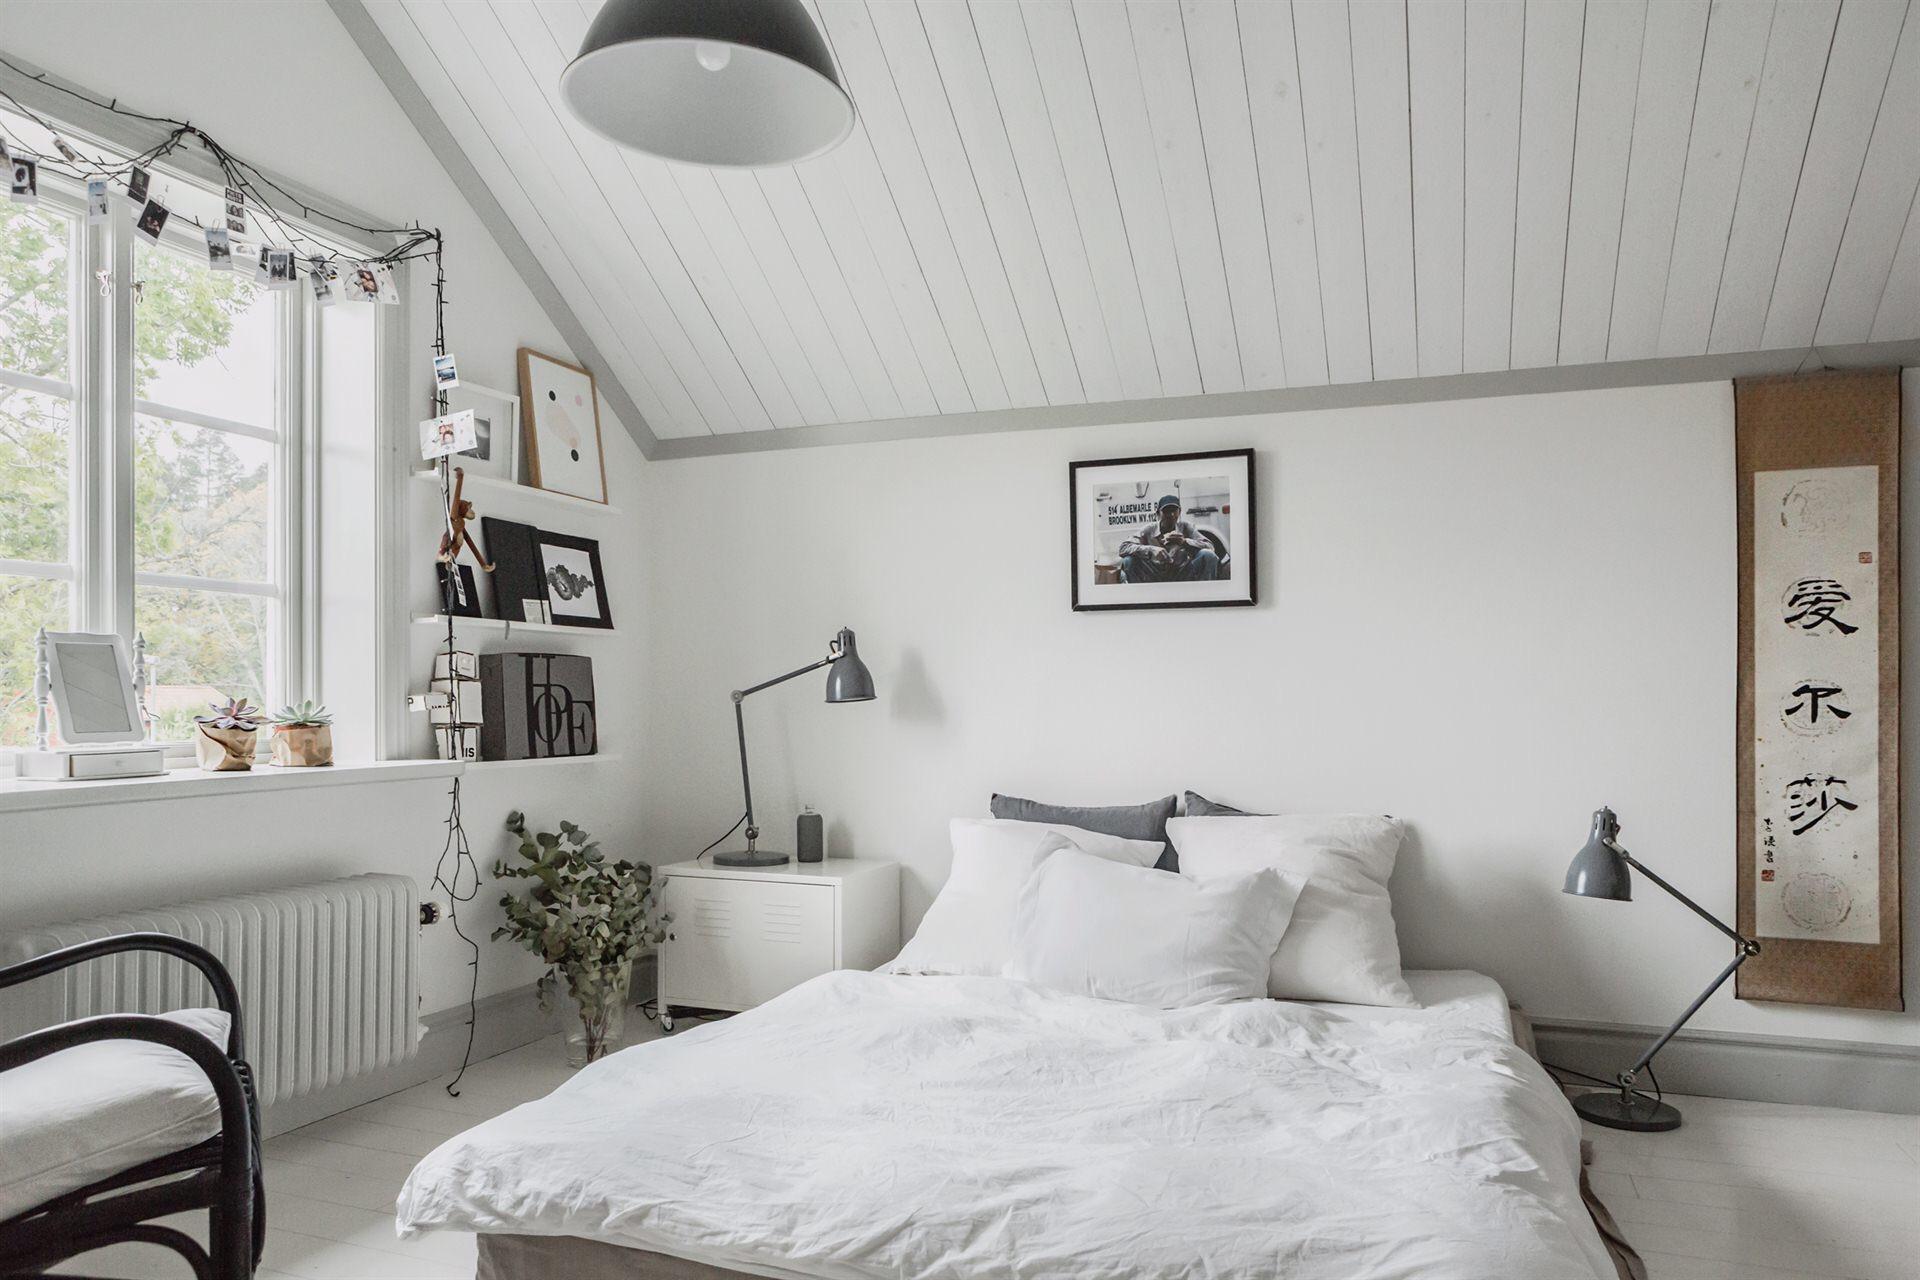 мансарда спальня кровать окно